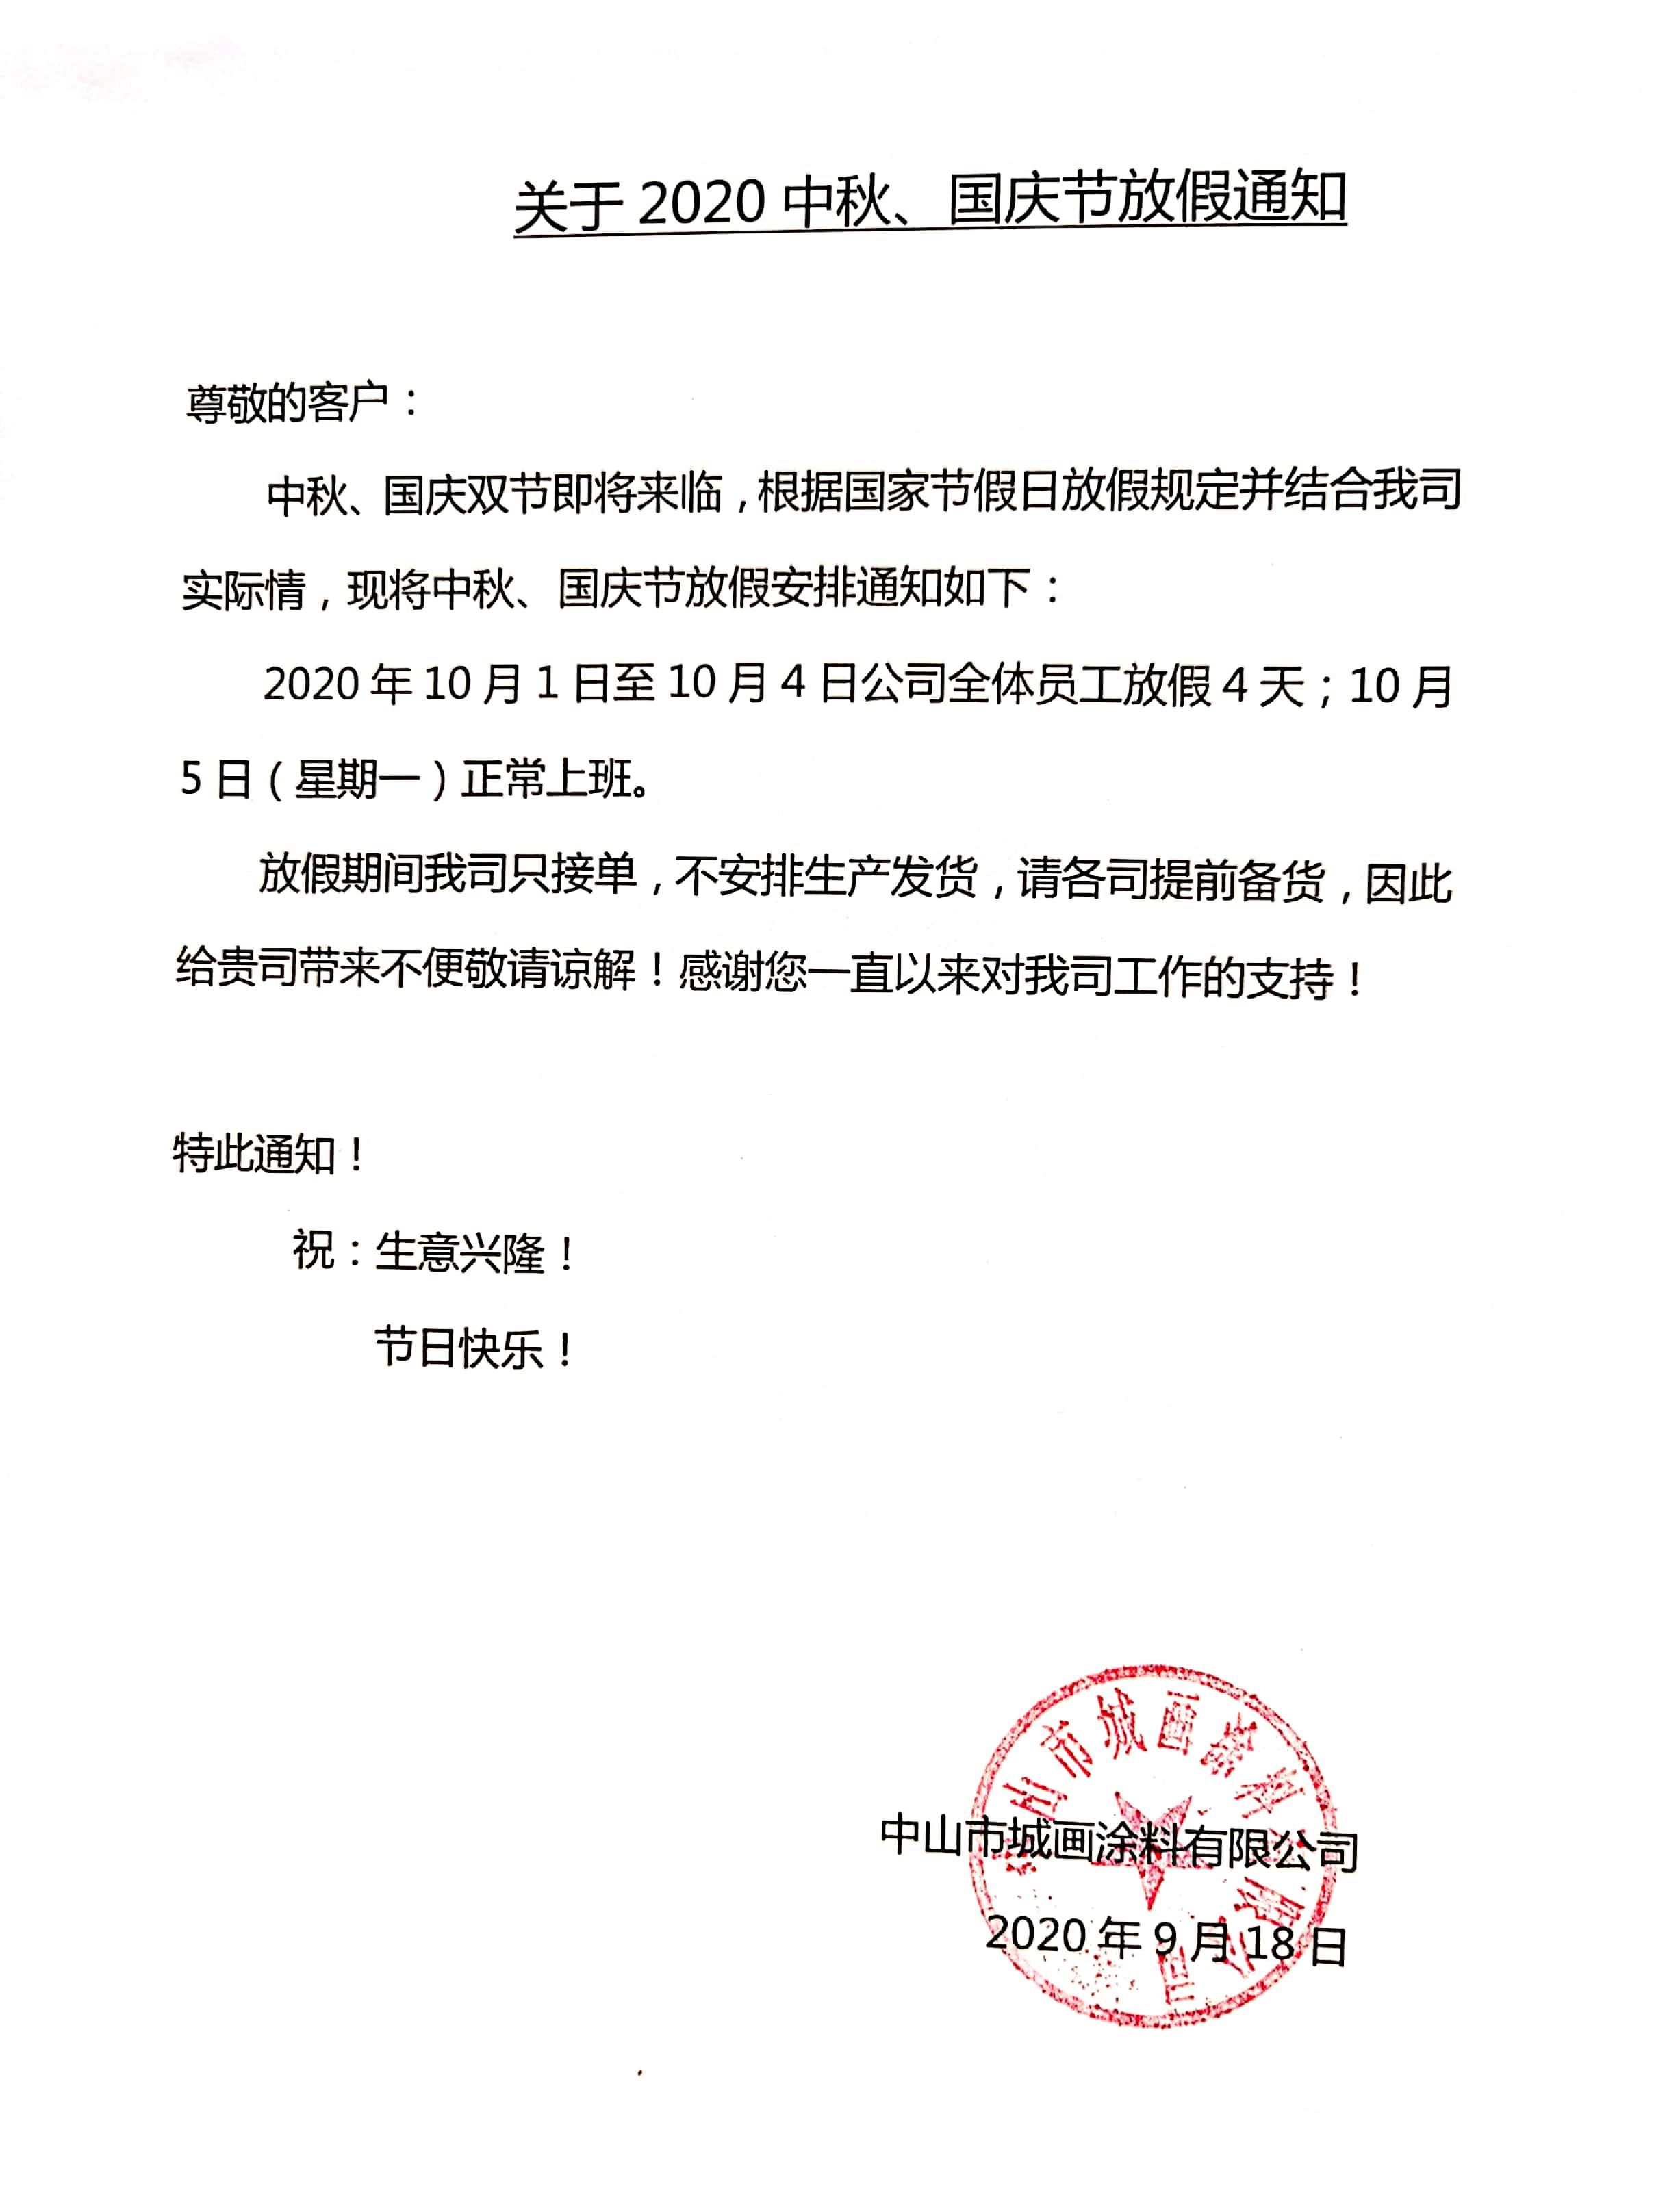 关于雷竞技raybet雷竞技官网网站漆2020'中秋节、国庆节放假的通知